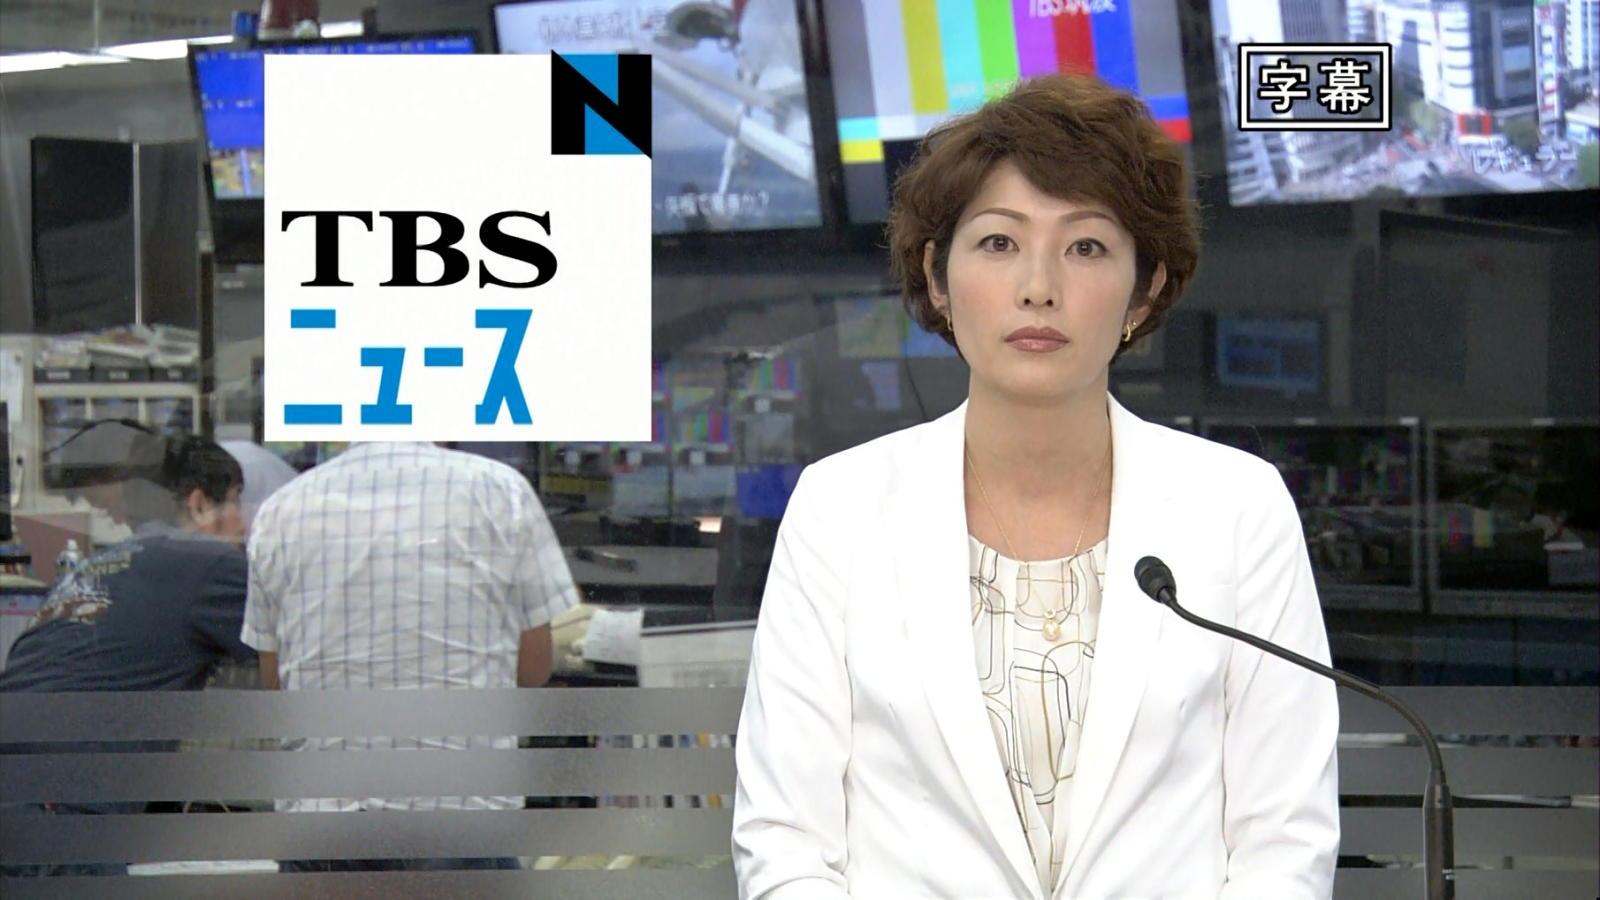 小川知子 (アナウンサー)の画像 p1_5